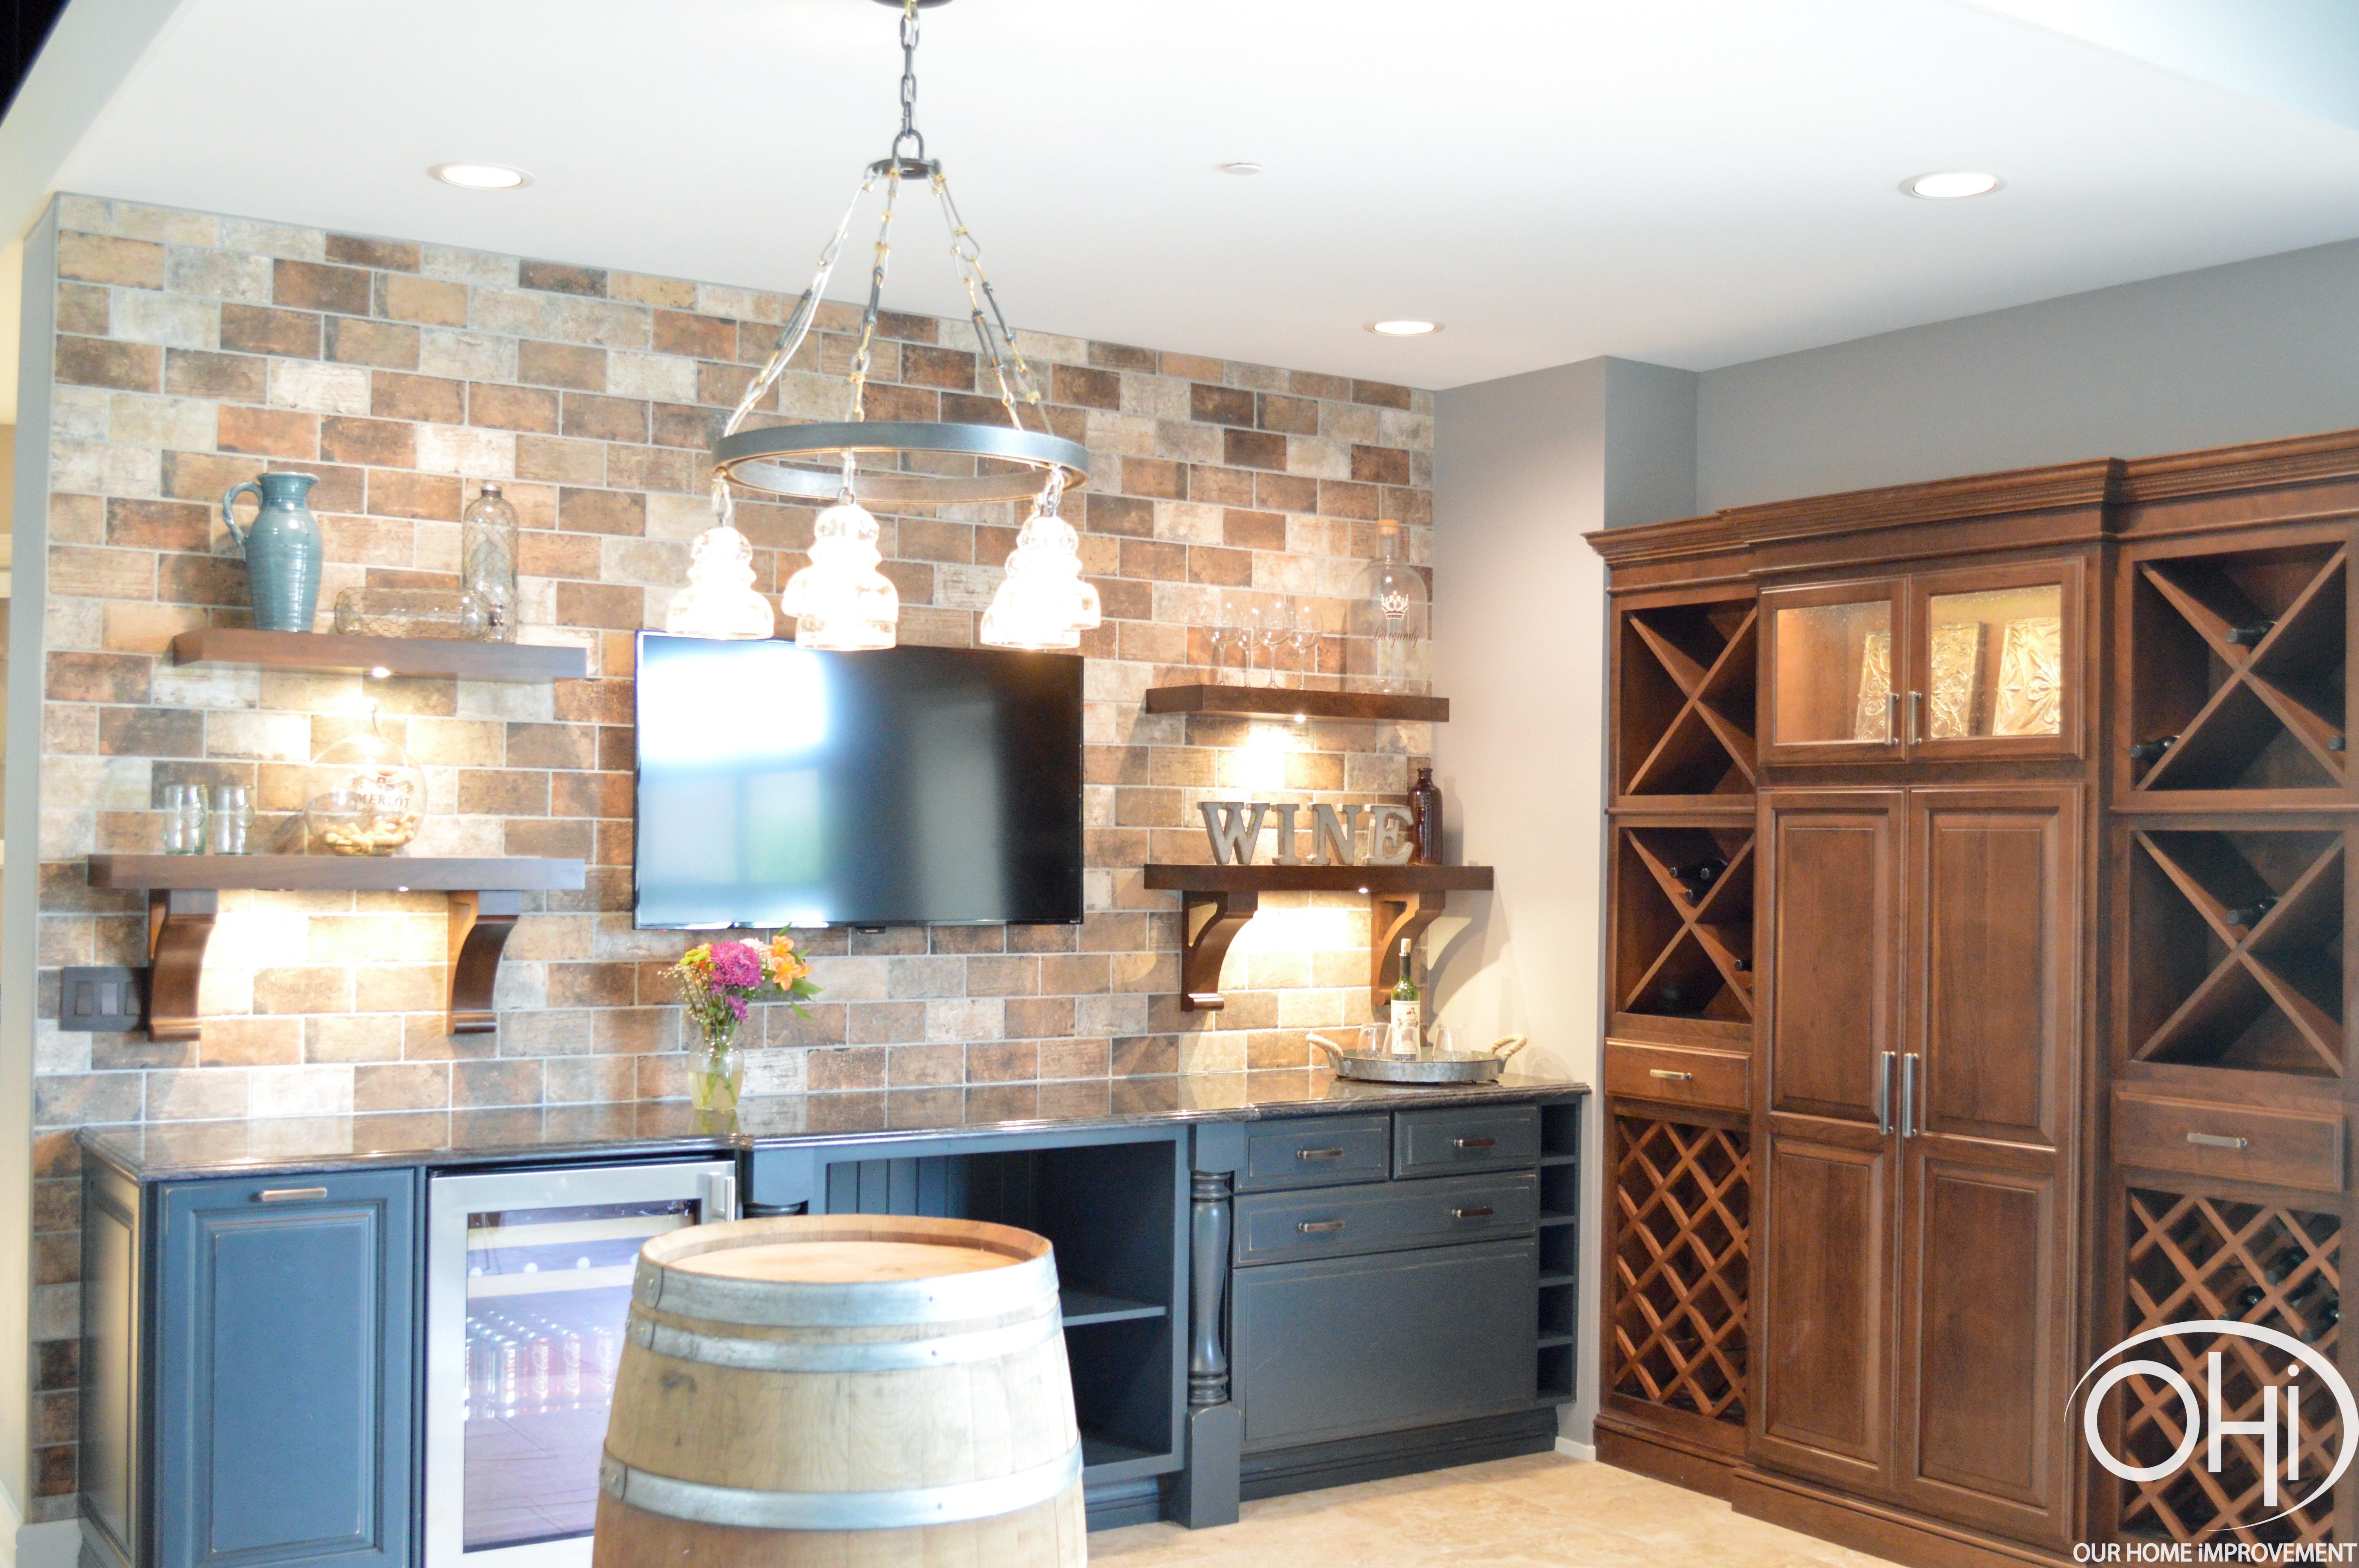 Wine Bar Featuring A Brick Accent Wall Quartz Countertop And Wine Barrel Table Contactohi Winebar Wino Wine Barrel Table Barrel Table Brick Accent Walls